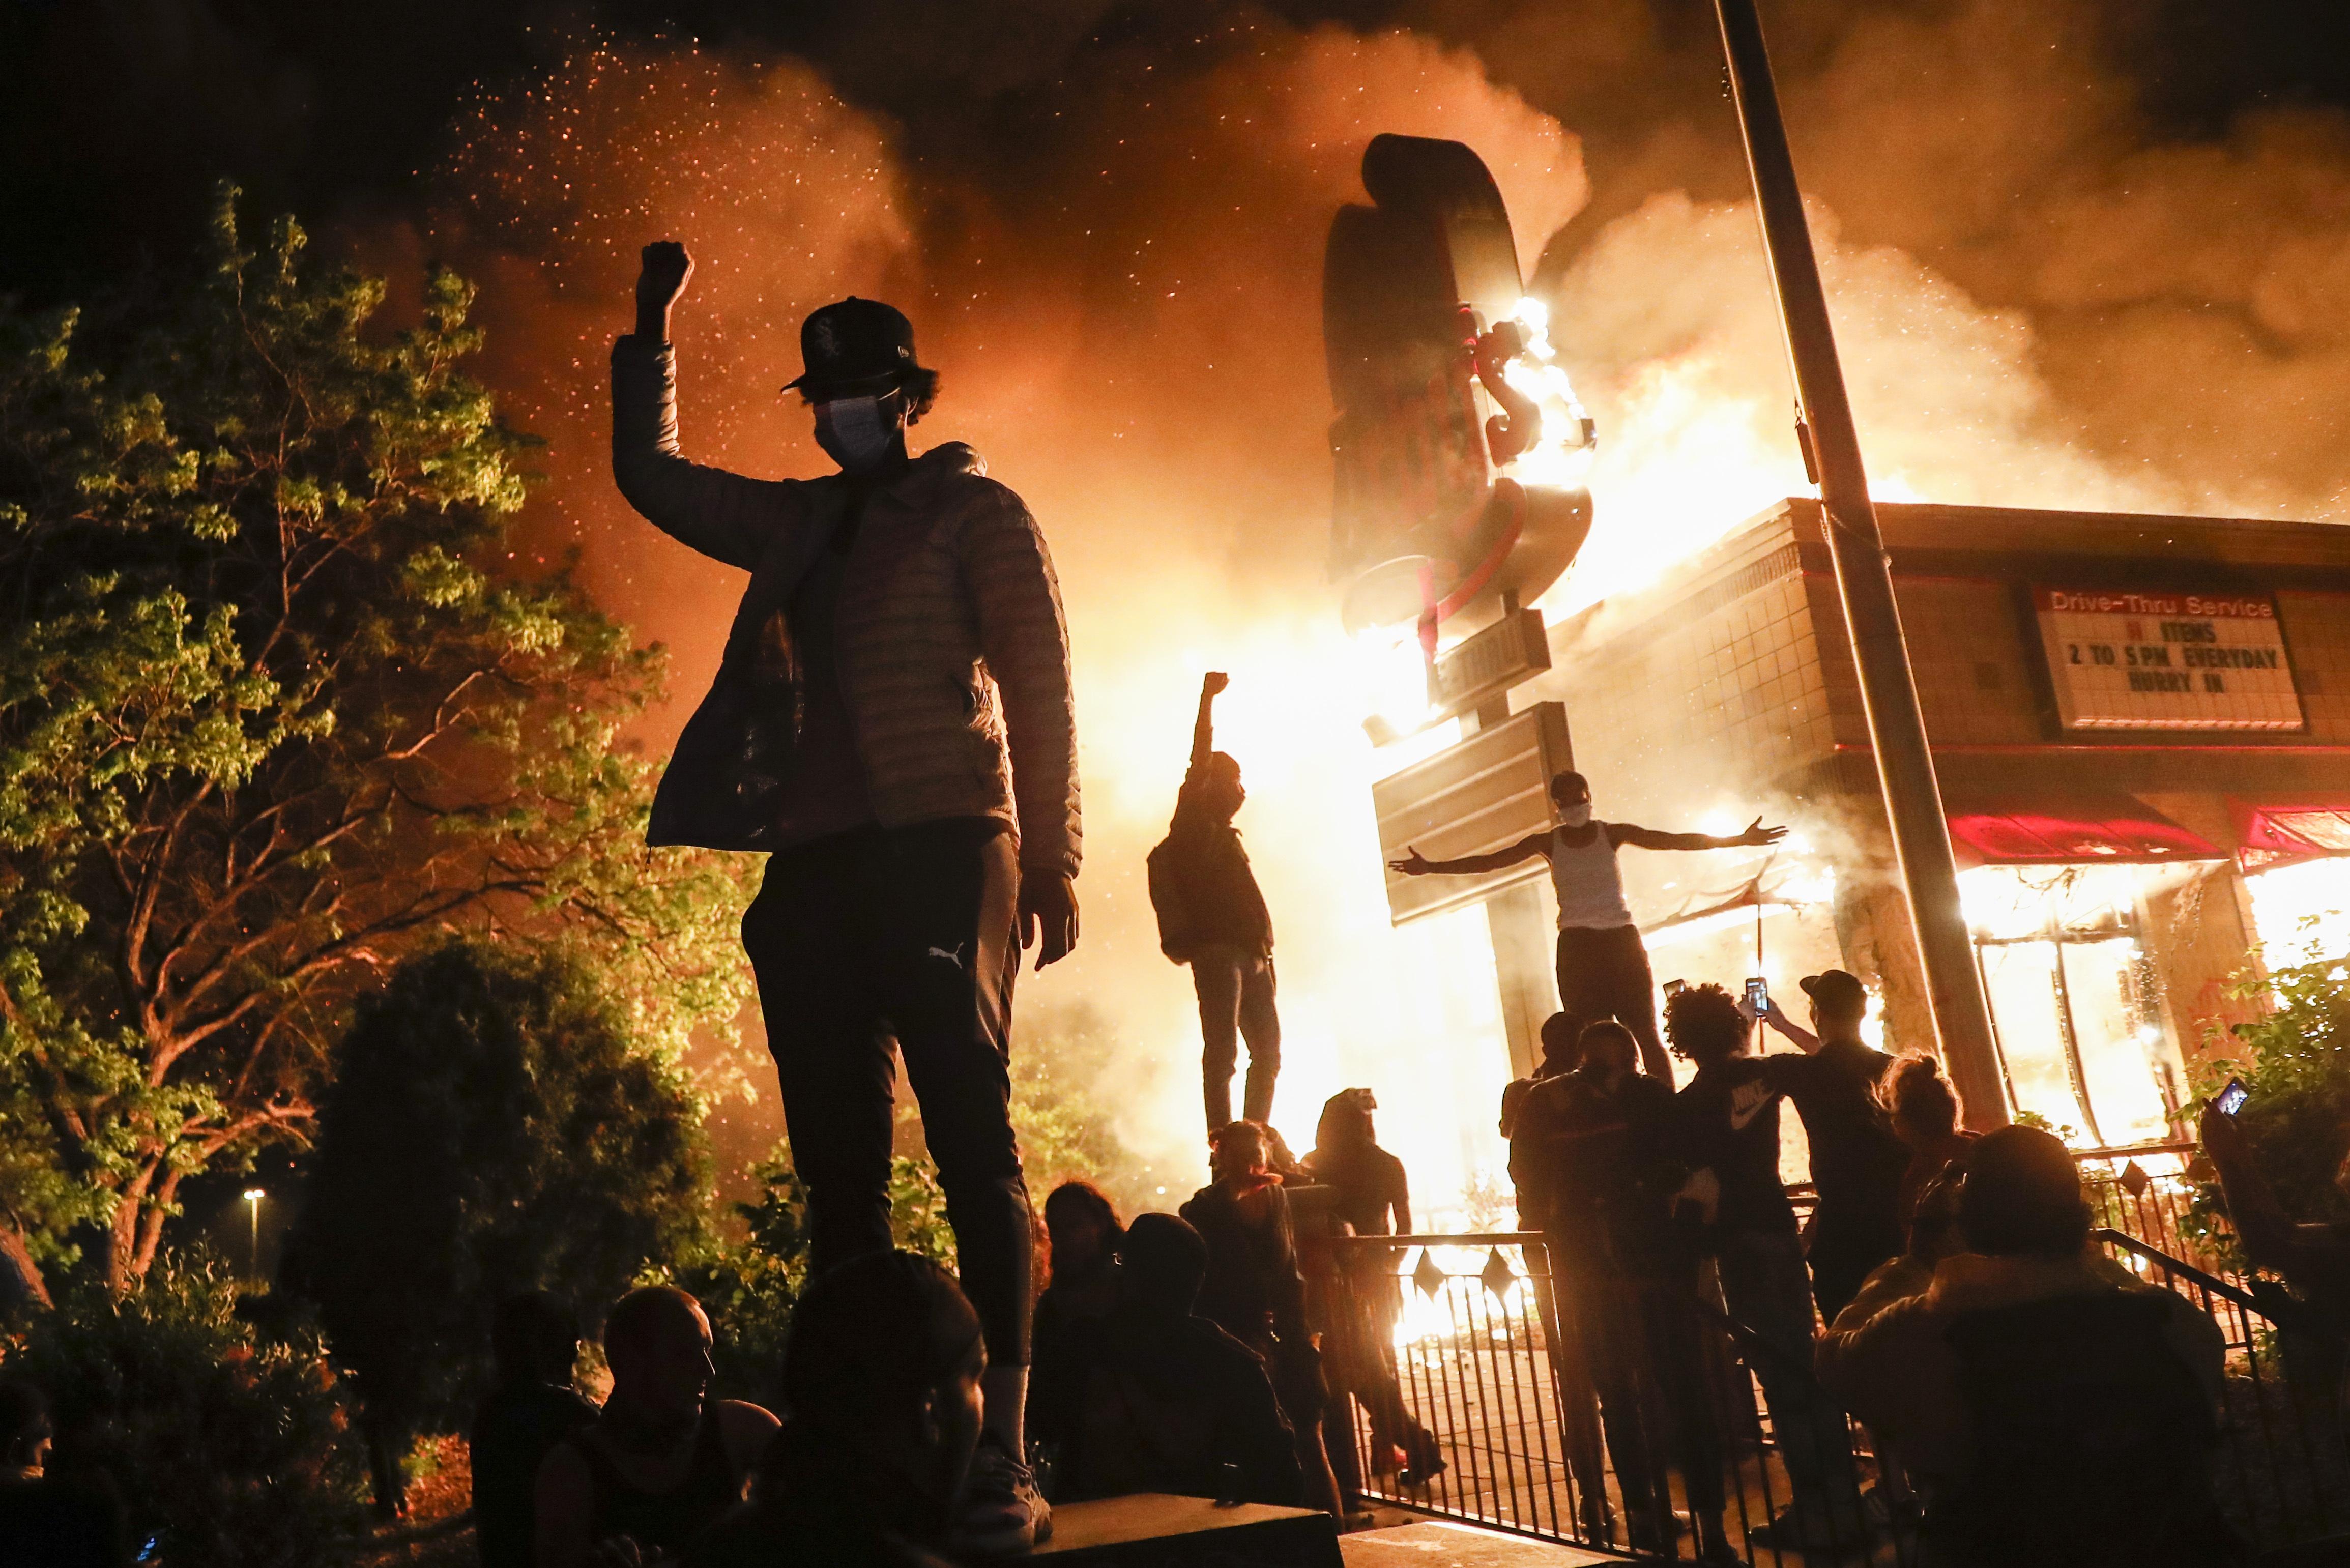 Manifestantes protestan frente a un restaurante de comida rápida en llamas, el viernes 29 de mayo de 2020, en Minneapolis (Foto AP/John Minchillo)